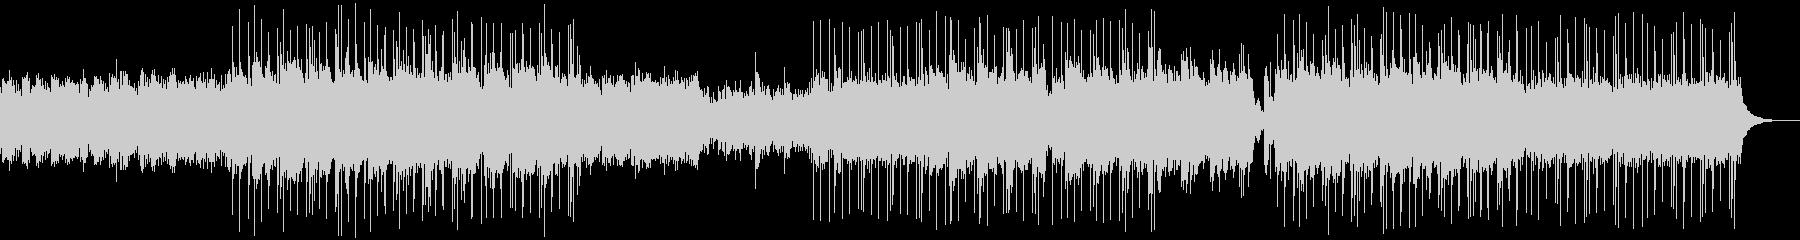 優しいヒーリング系アコギ、ピアノ楽曲の未再生の波形